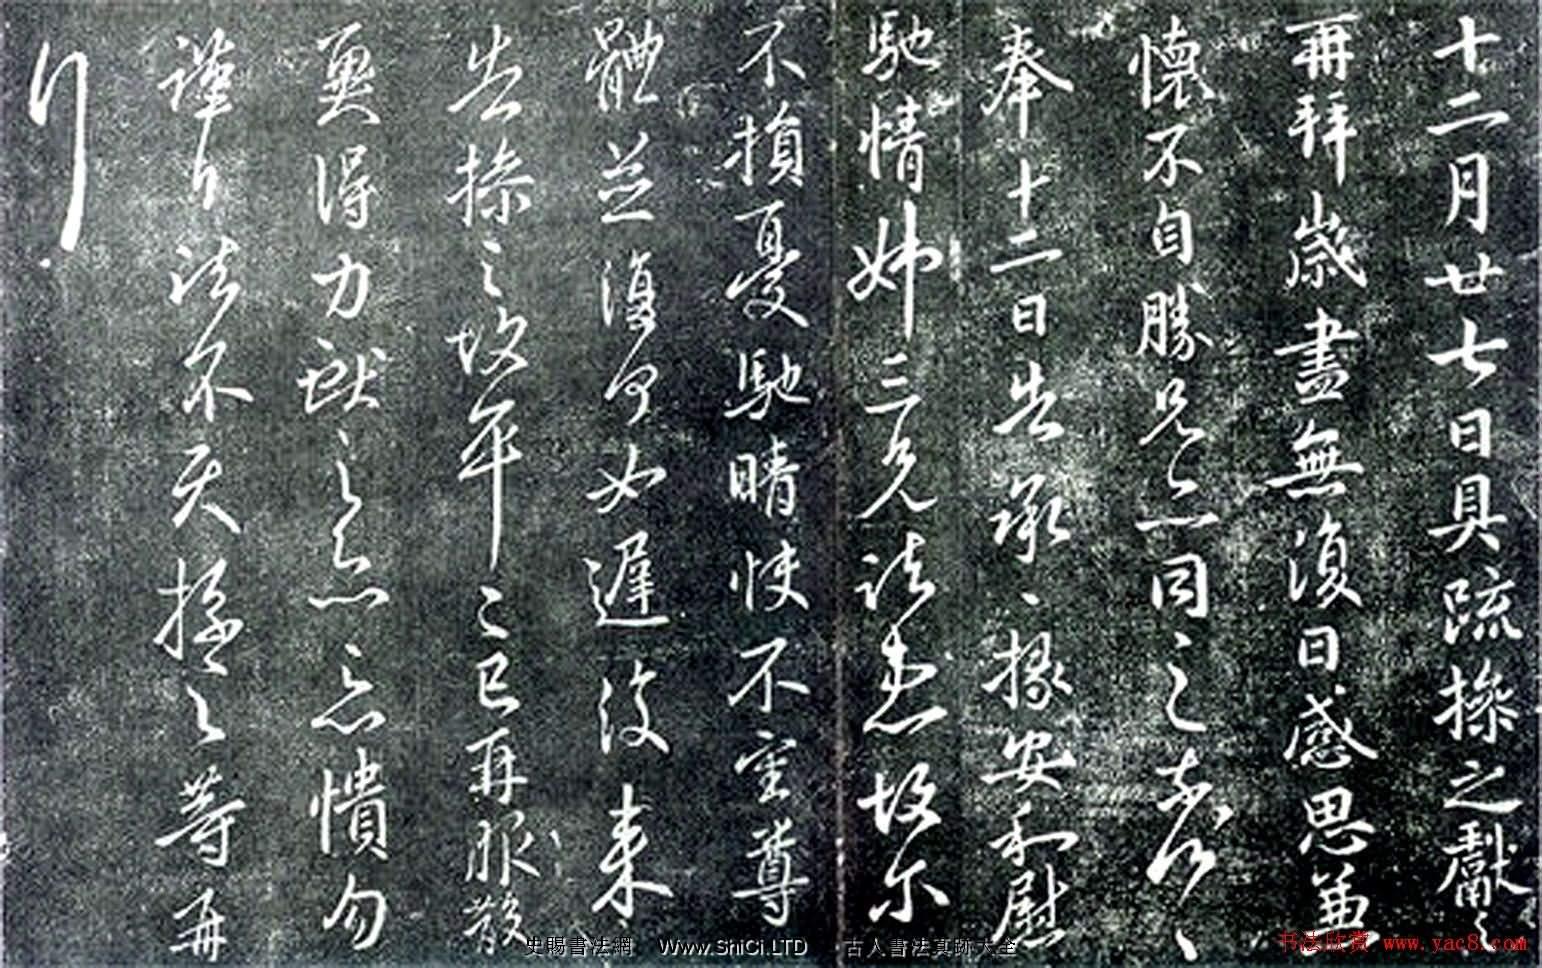 王獻之書法行草作品真跡欣賞《歲盡帖》(共4張圖片)